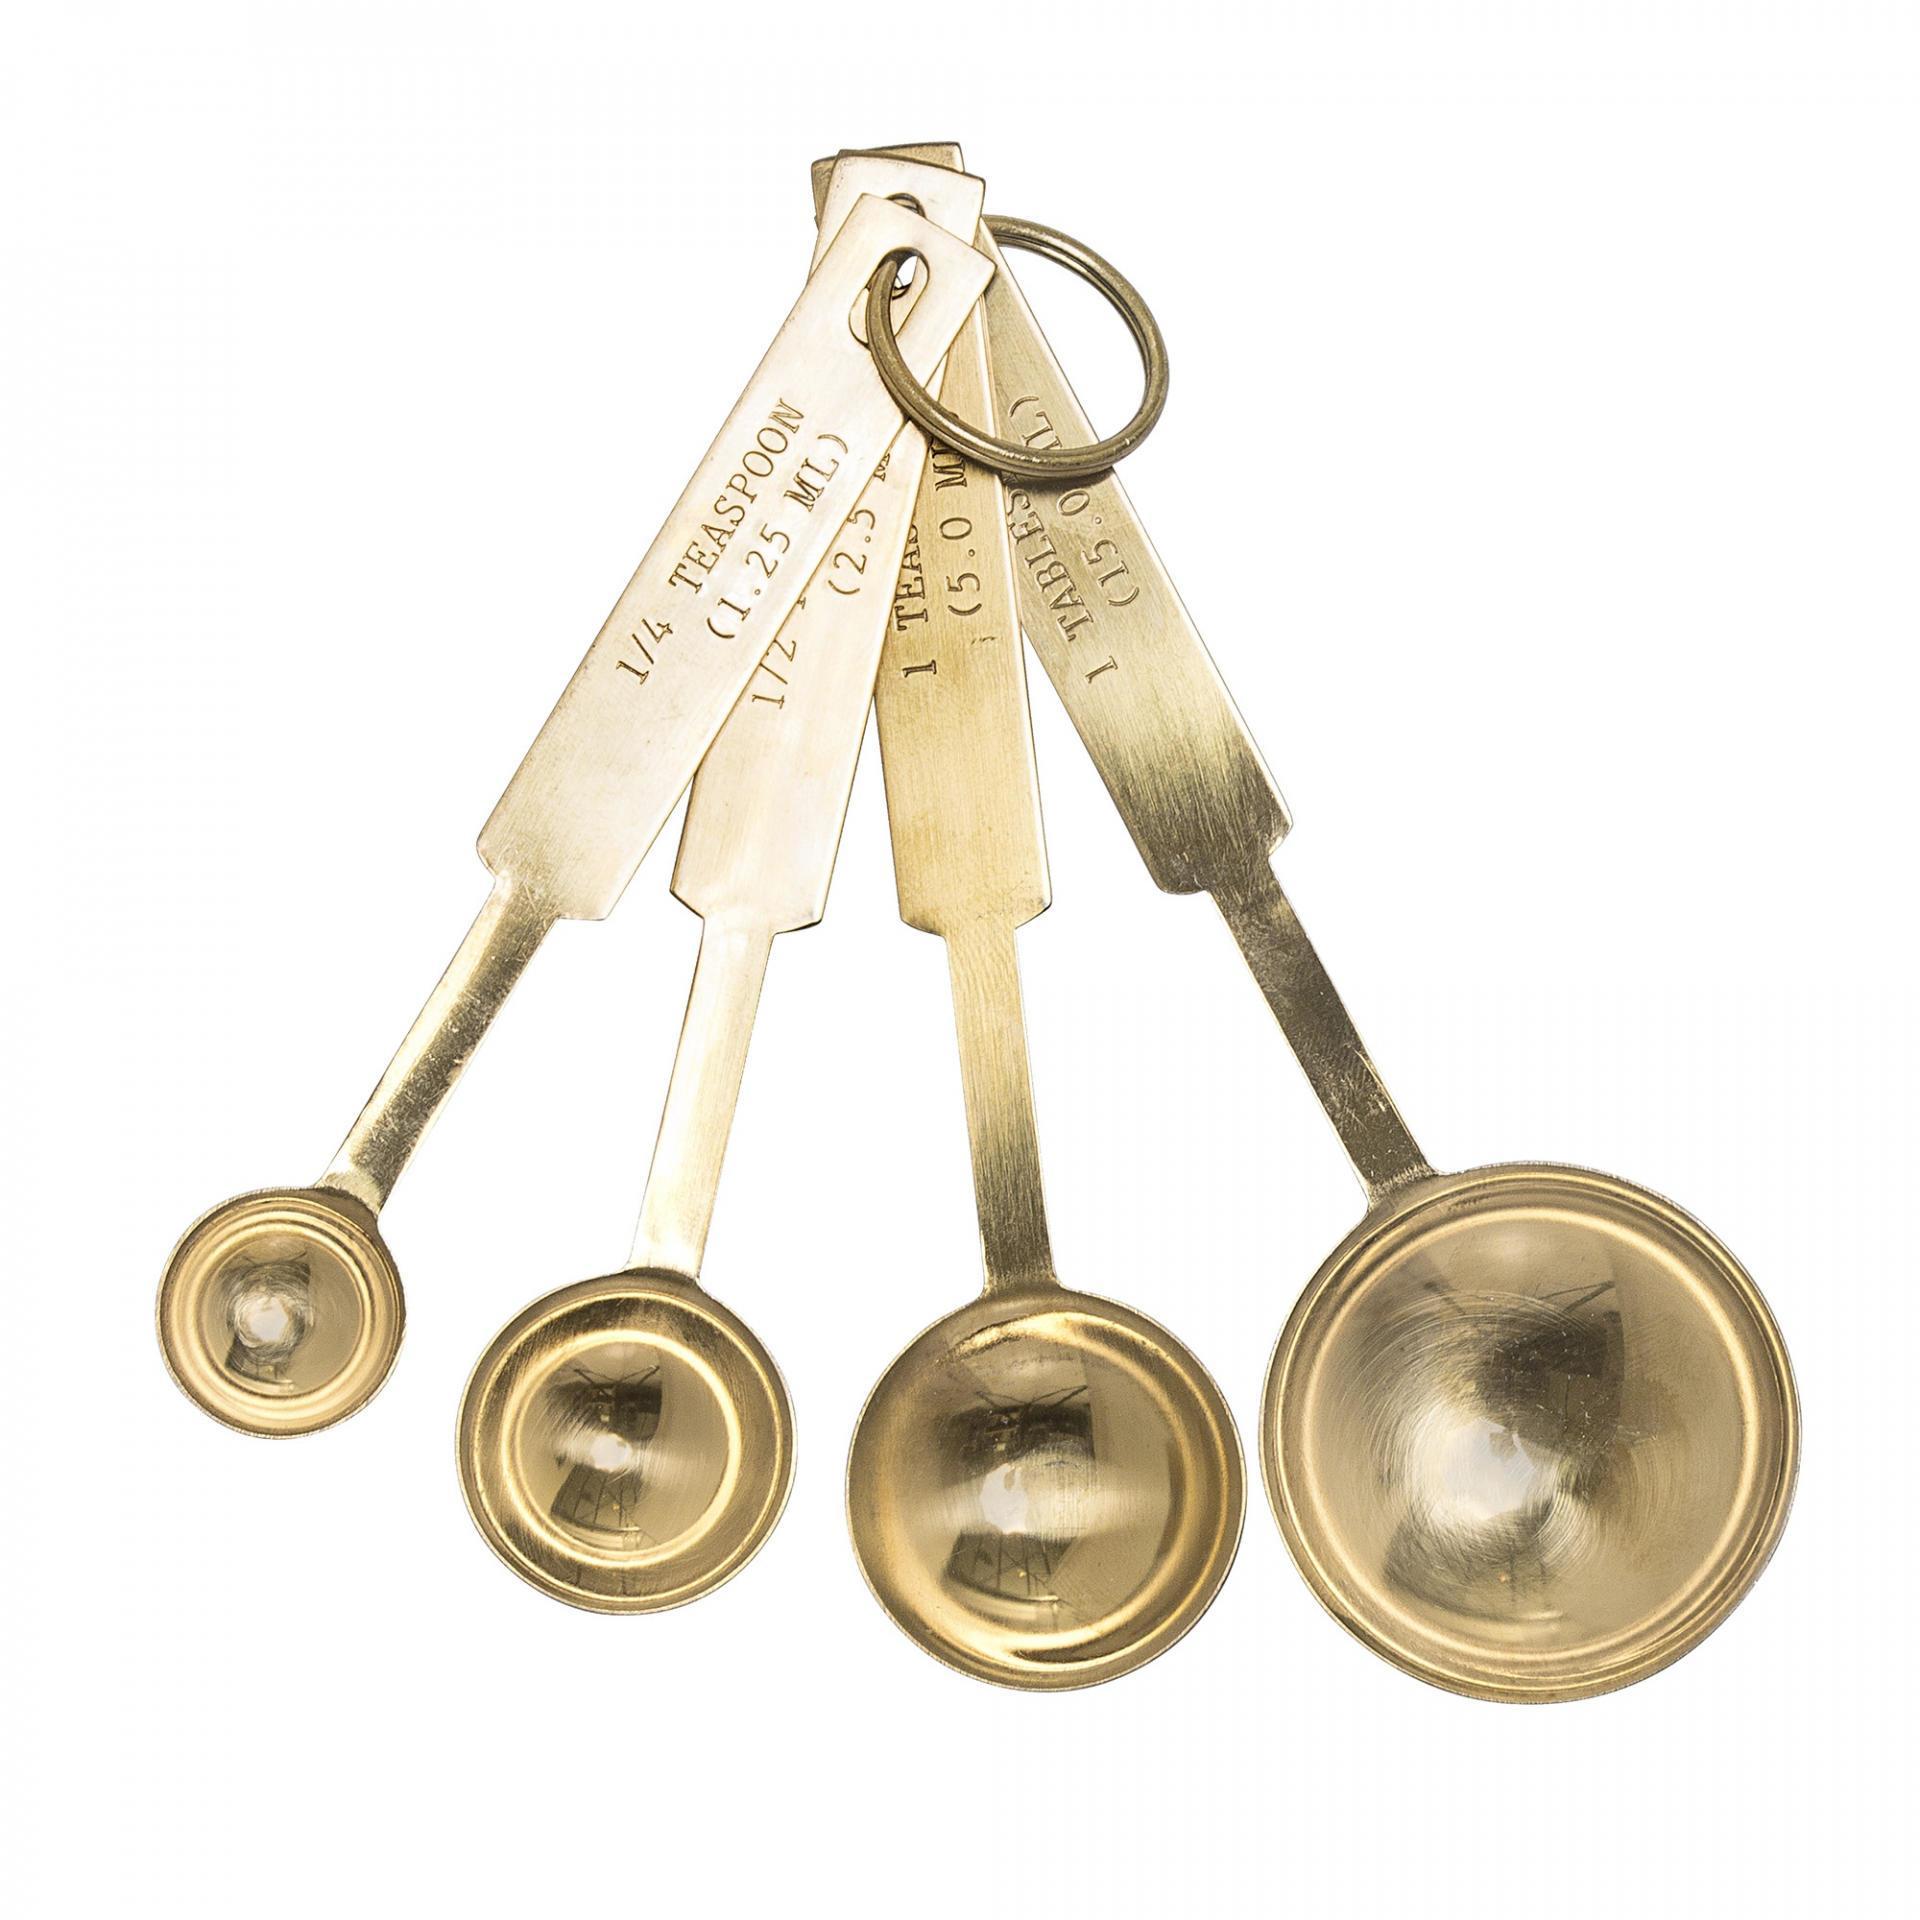 Bloomingville Odměřovací lžičky Gold - set 4 ks, zlatá barva, kov